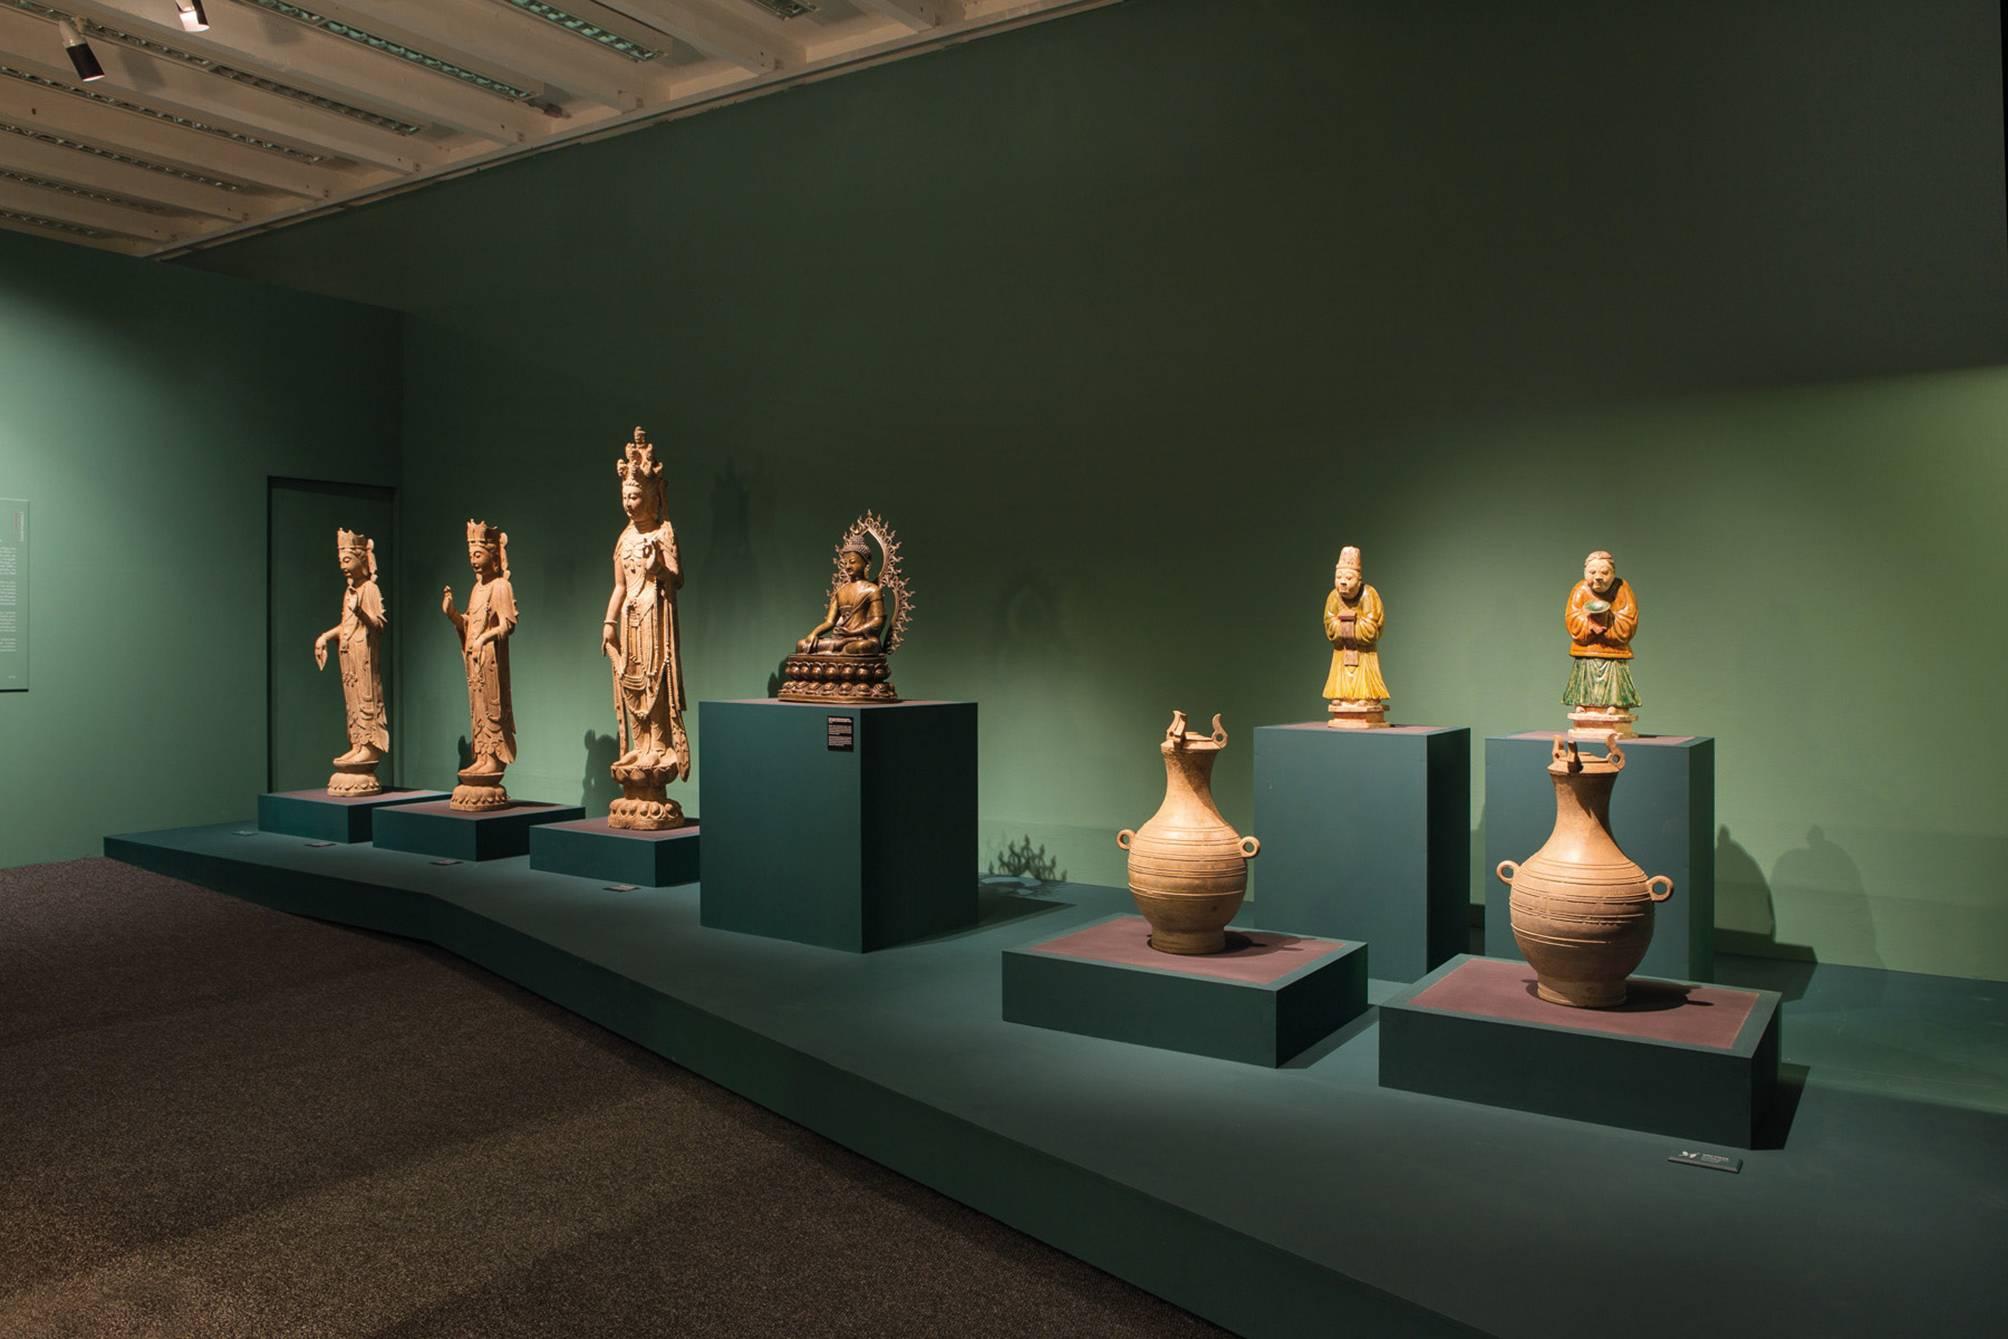 Exposição Ásia: a terra, os homens, os deuses, no Museu Oscar Niemeyer, apresenta itens adquiridos pelo embaixador Fausto Godoy em 11 países.